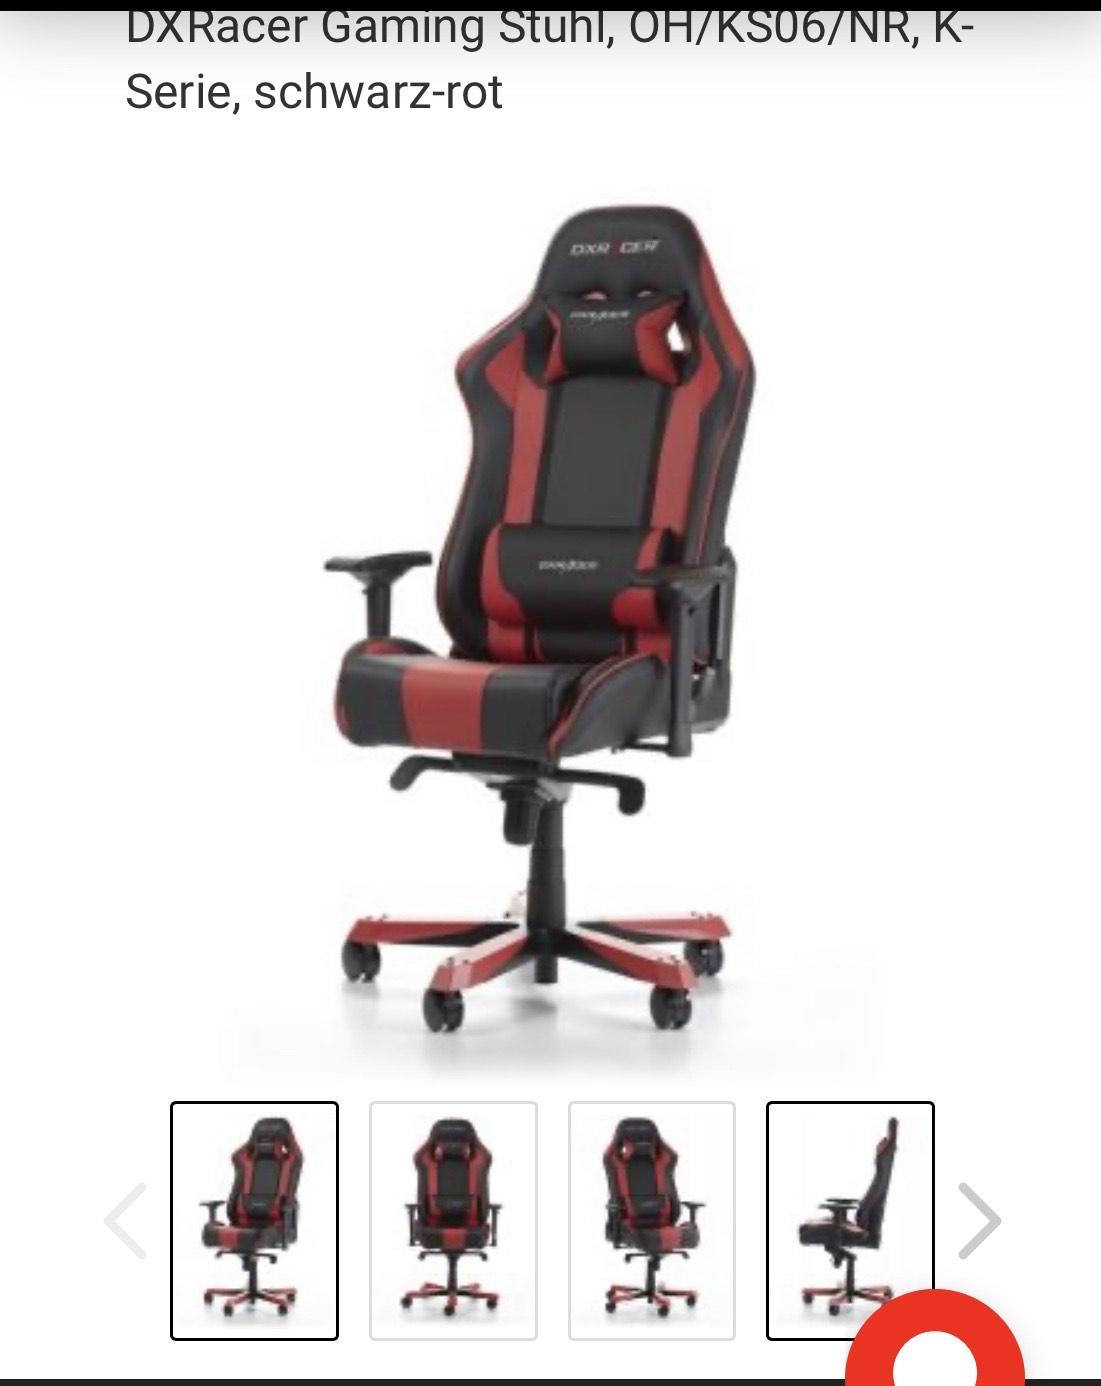 DXRacer Gaming Stuhl KS06/NR2 K-Serie